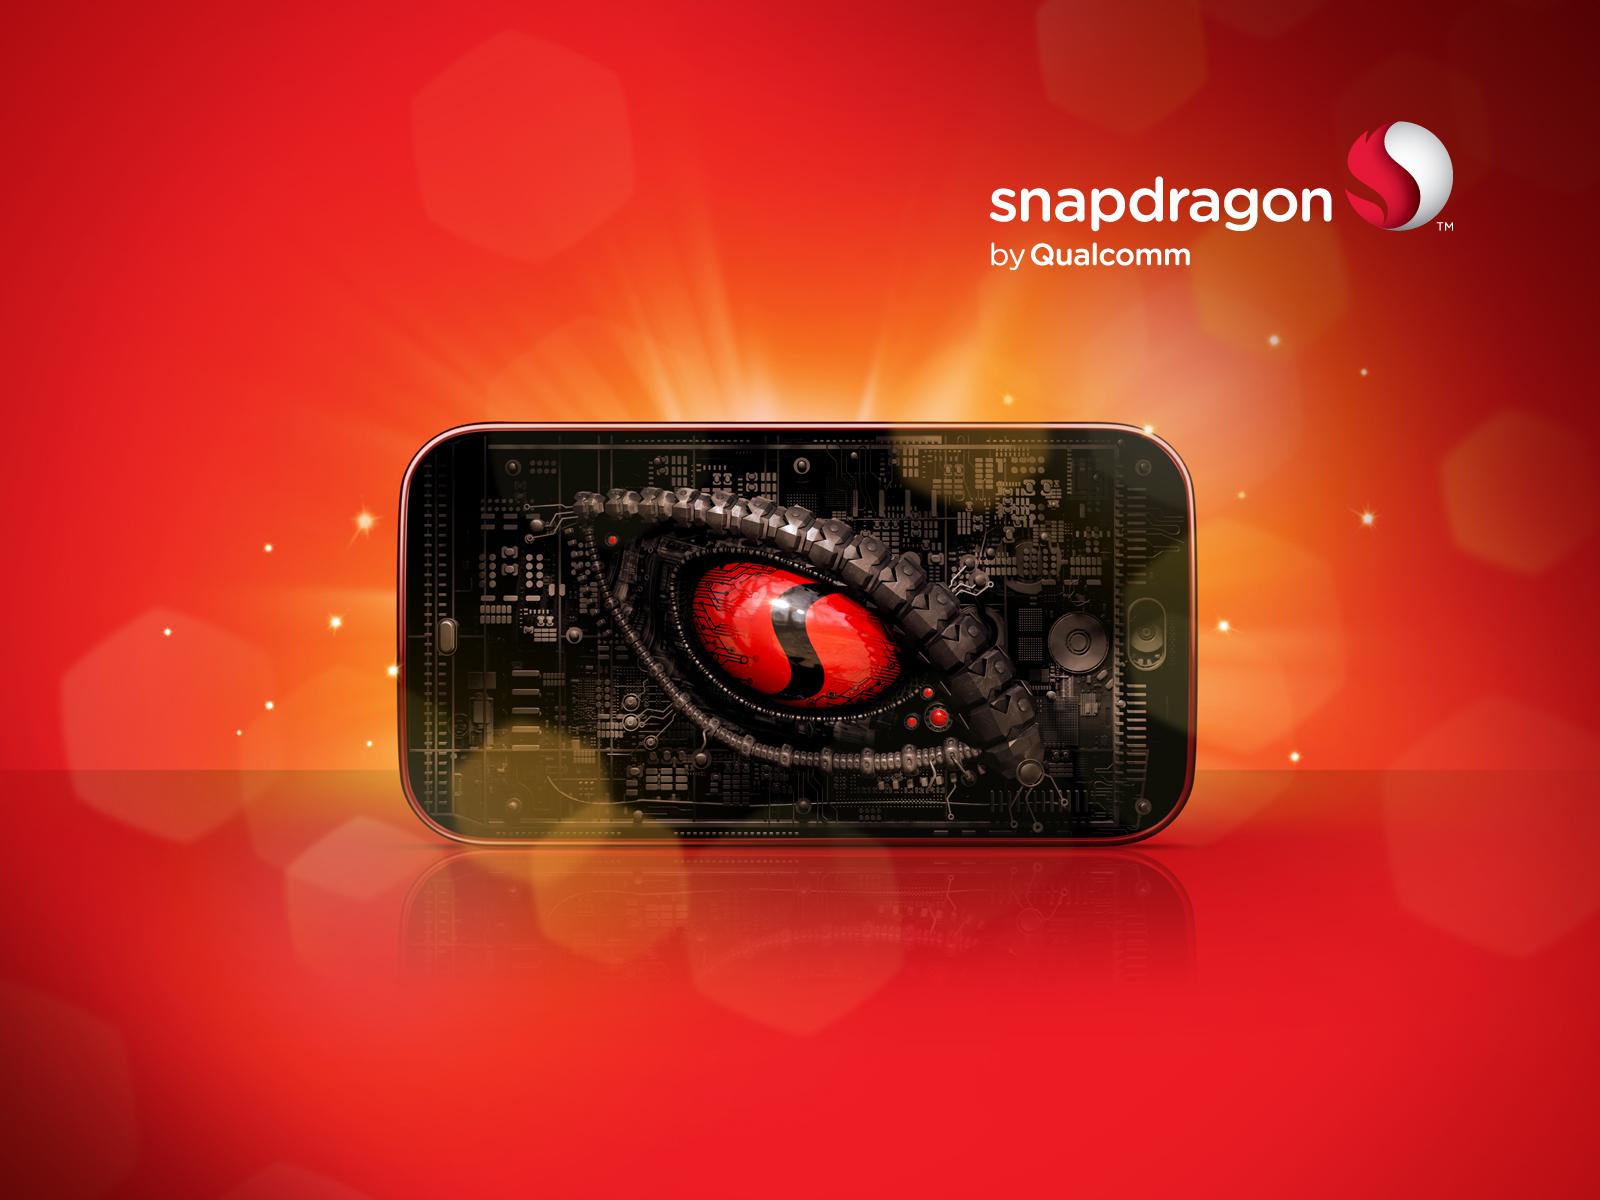 پردازنده Snapdragon 835 کوالکام هفته آینده در کنفرانس CES رسما معرفی می شود